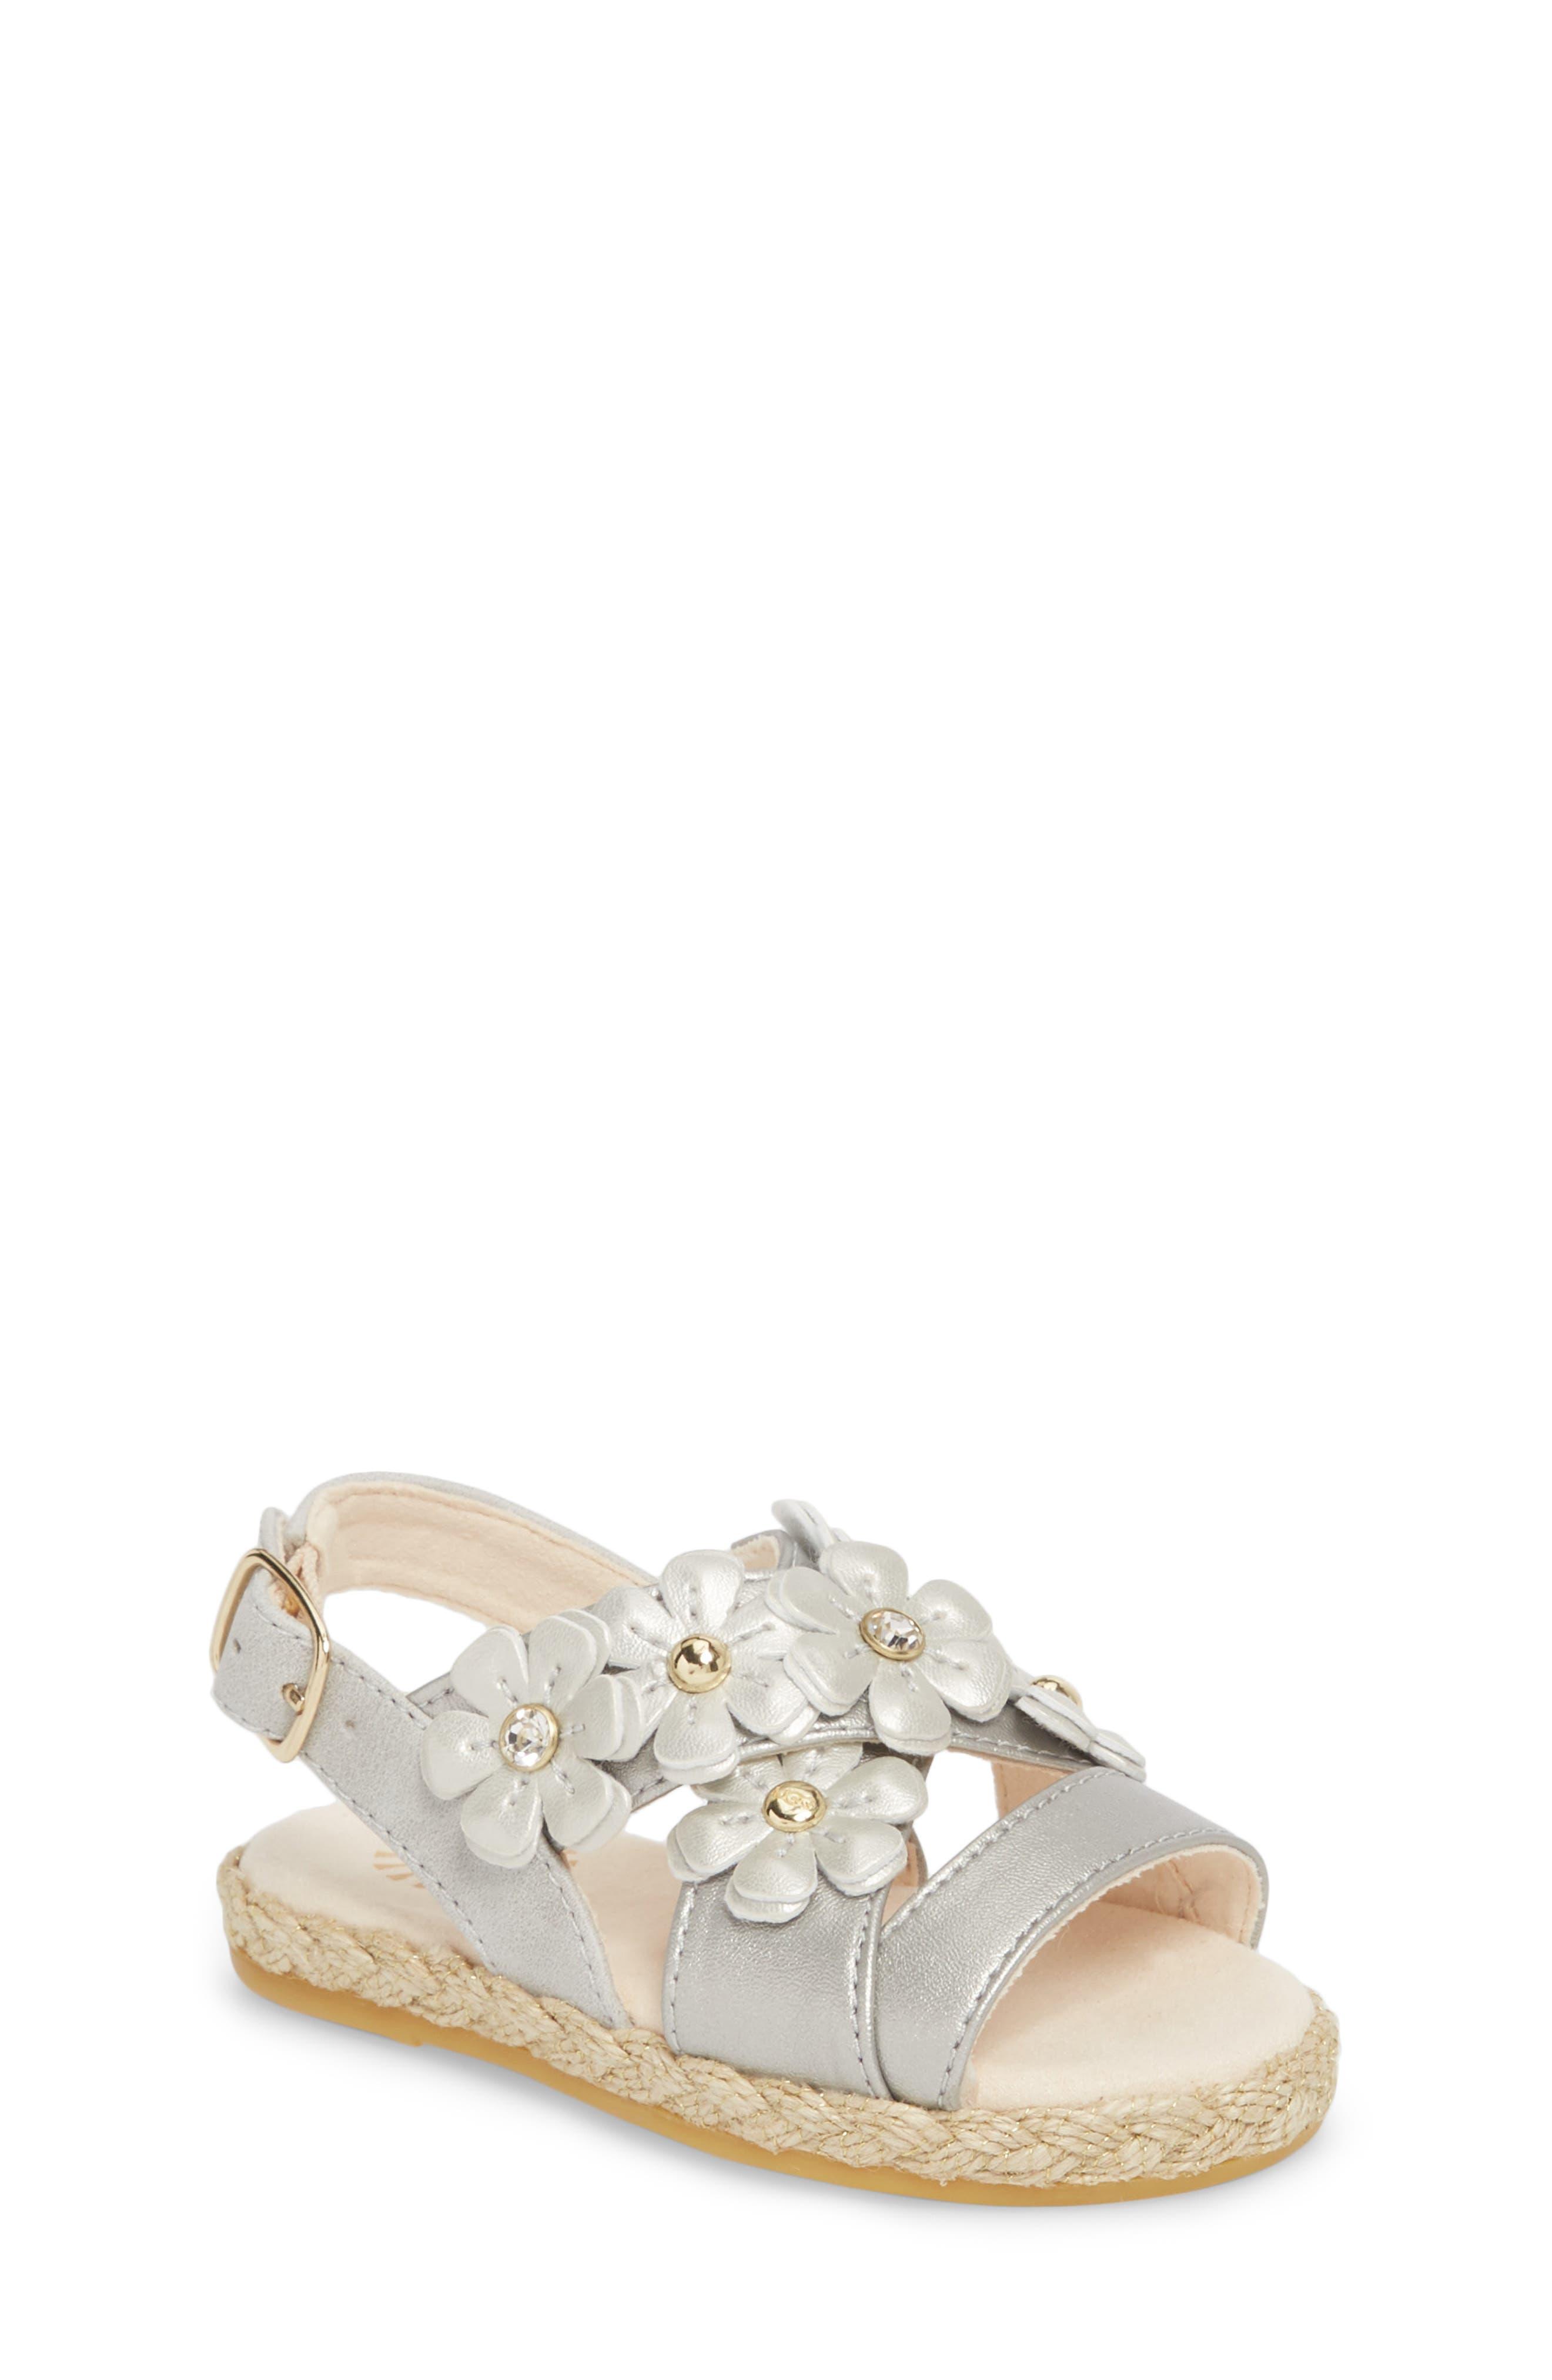 Allairey Sparkles Espadrille Sandal,                         Main,                         color, Silver